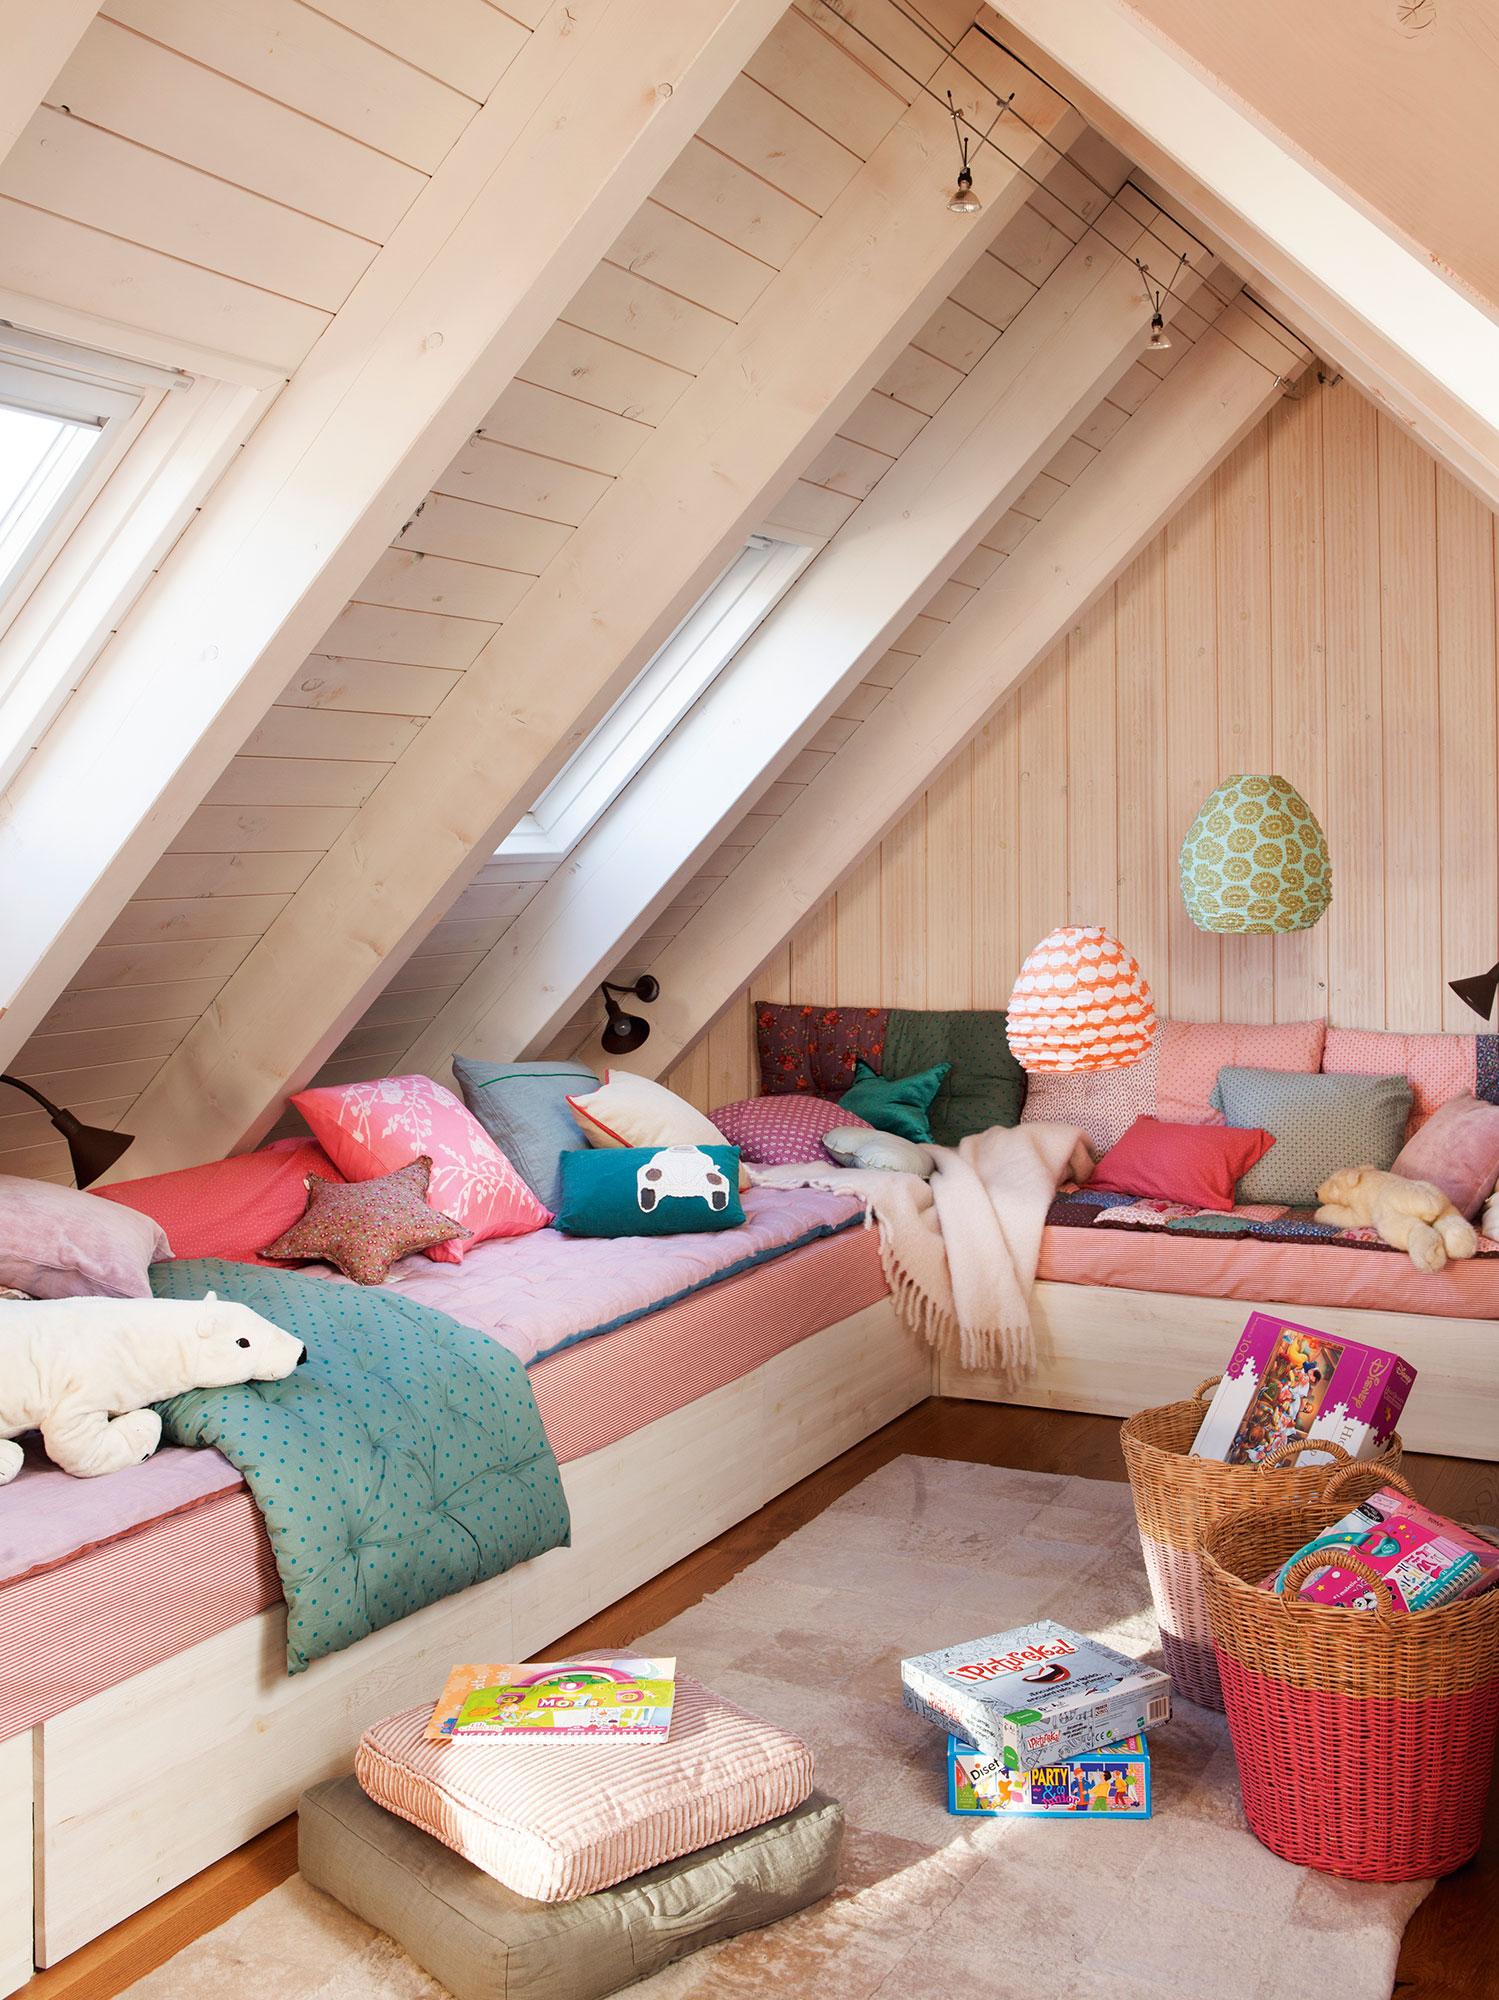 Decorar con cestos est de moda - Habitacion infantil con dos camas ...